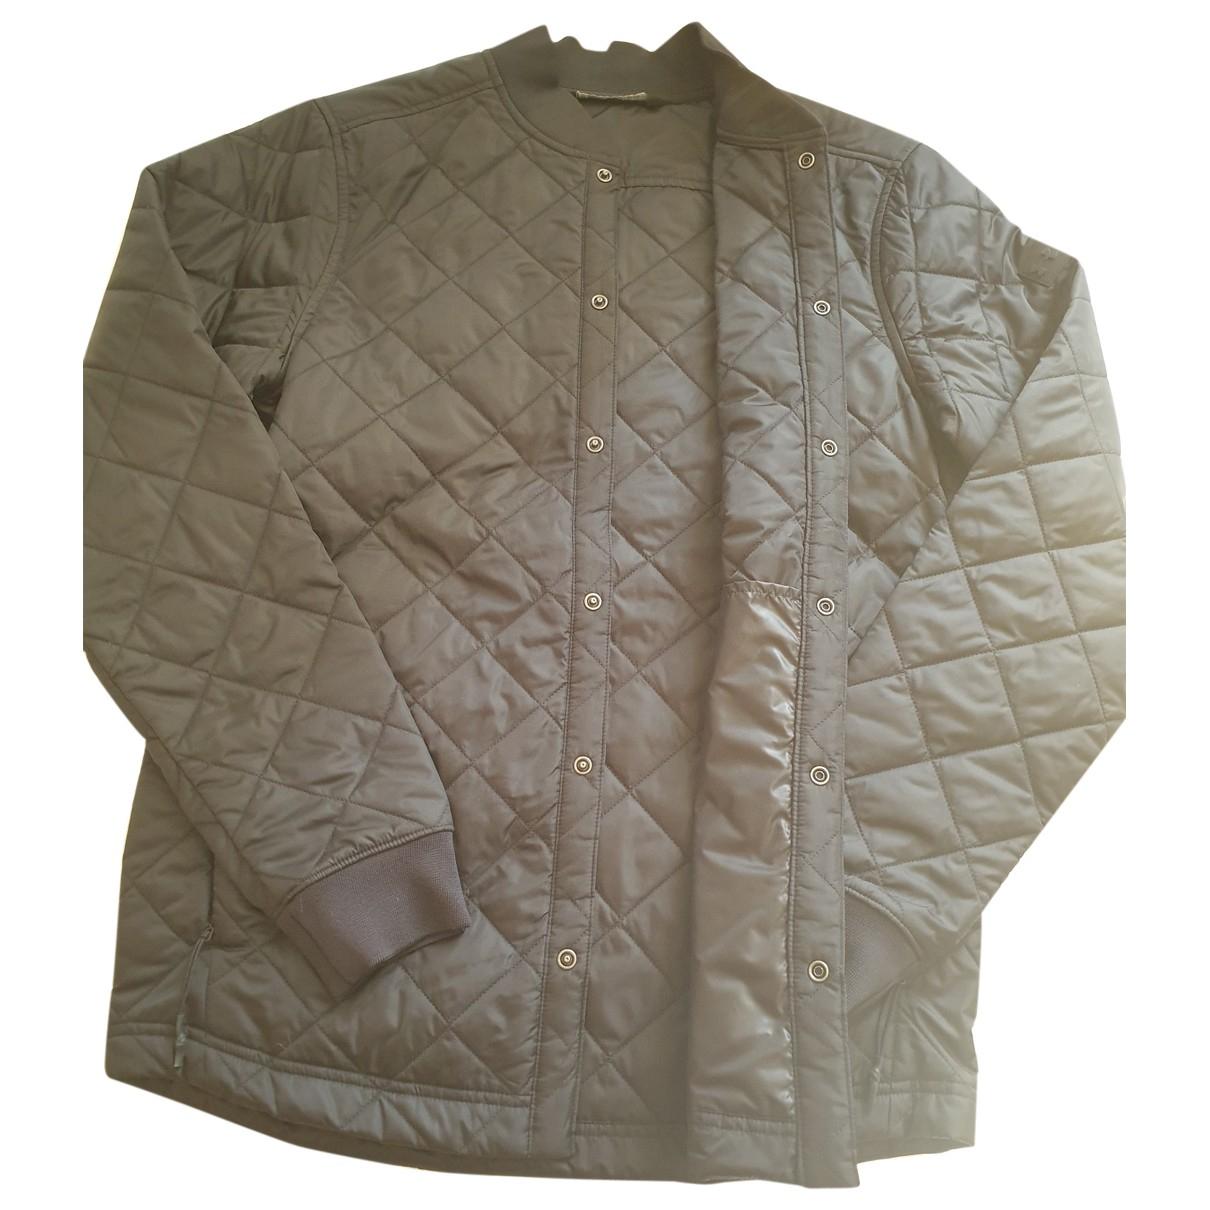 Under Armour \N Black jacket  for Men M International